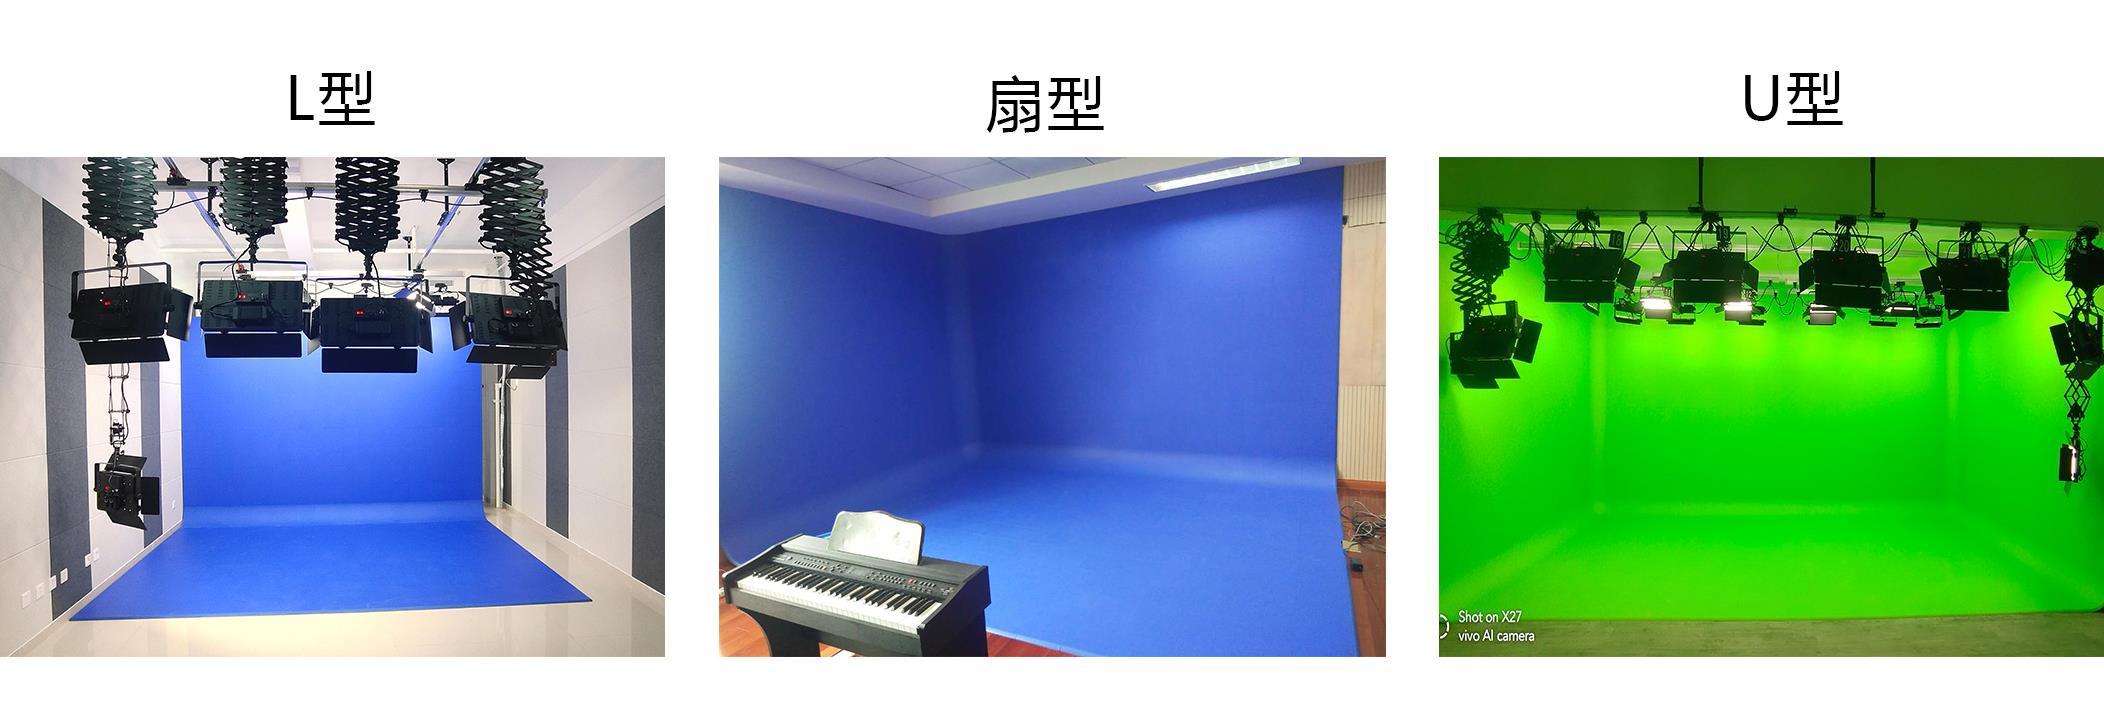 虚拟演播室抠像蓝绿箱方案(图1)